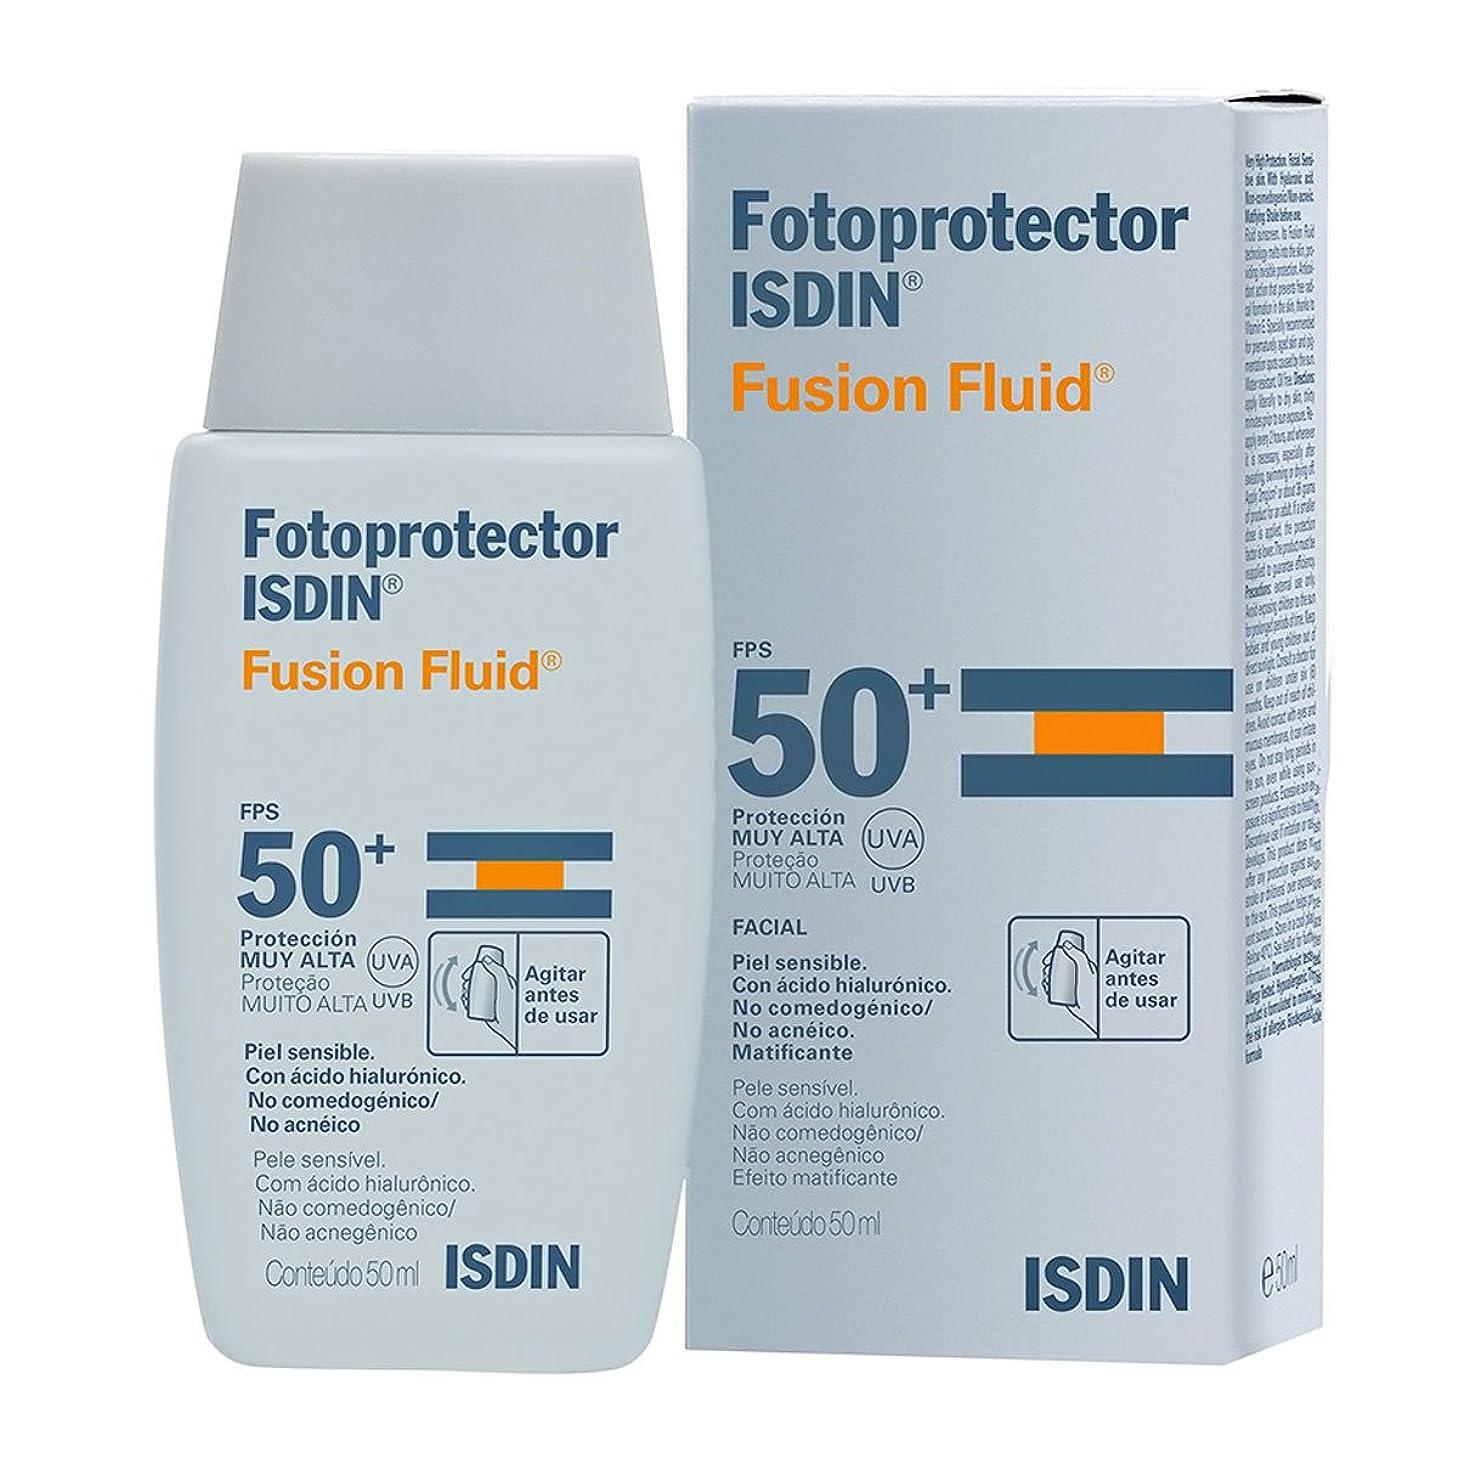 側配るジレンマIsdin Fotoprotector Fusion Fluid Spf50+ 50ml [並行輸入品]